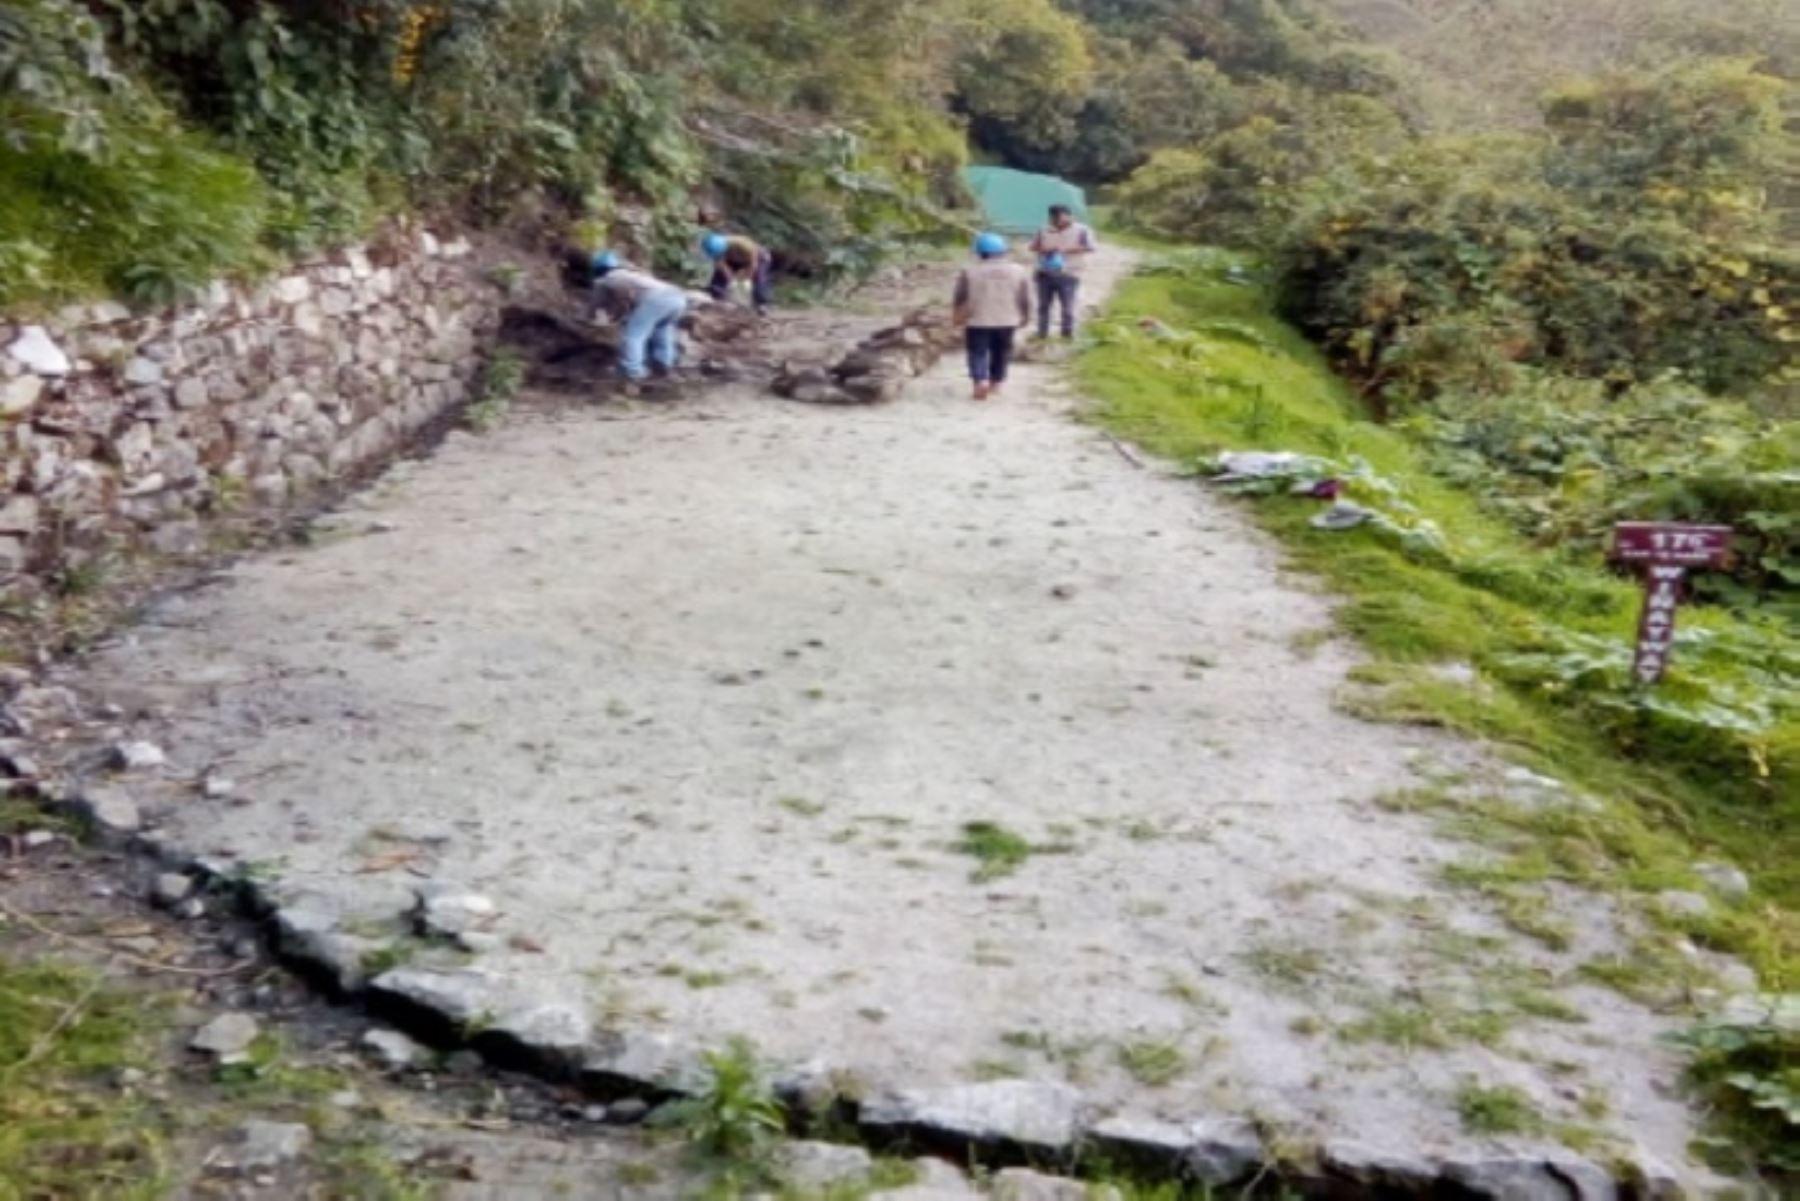 Un muerto y dos heridos por deslizamiento en camino Inca a Machu Picchu